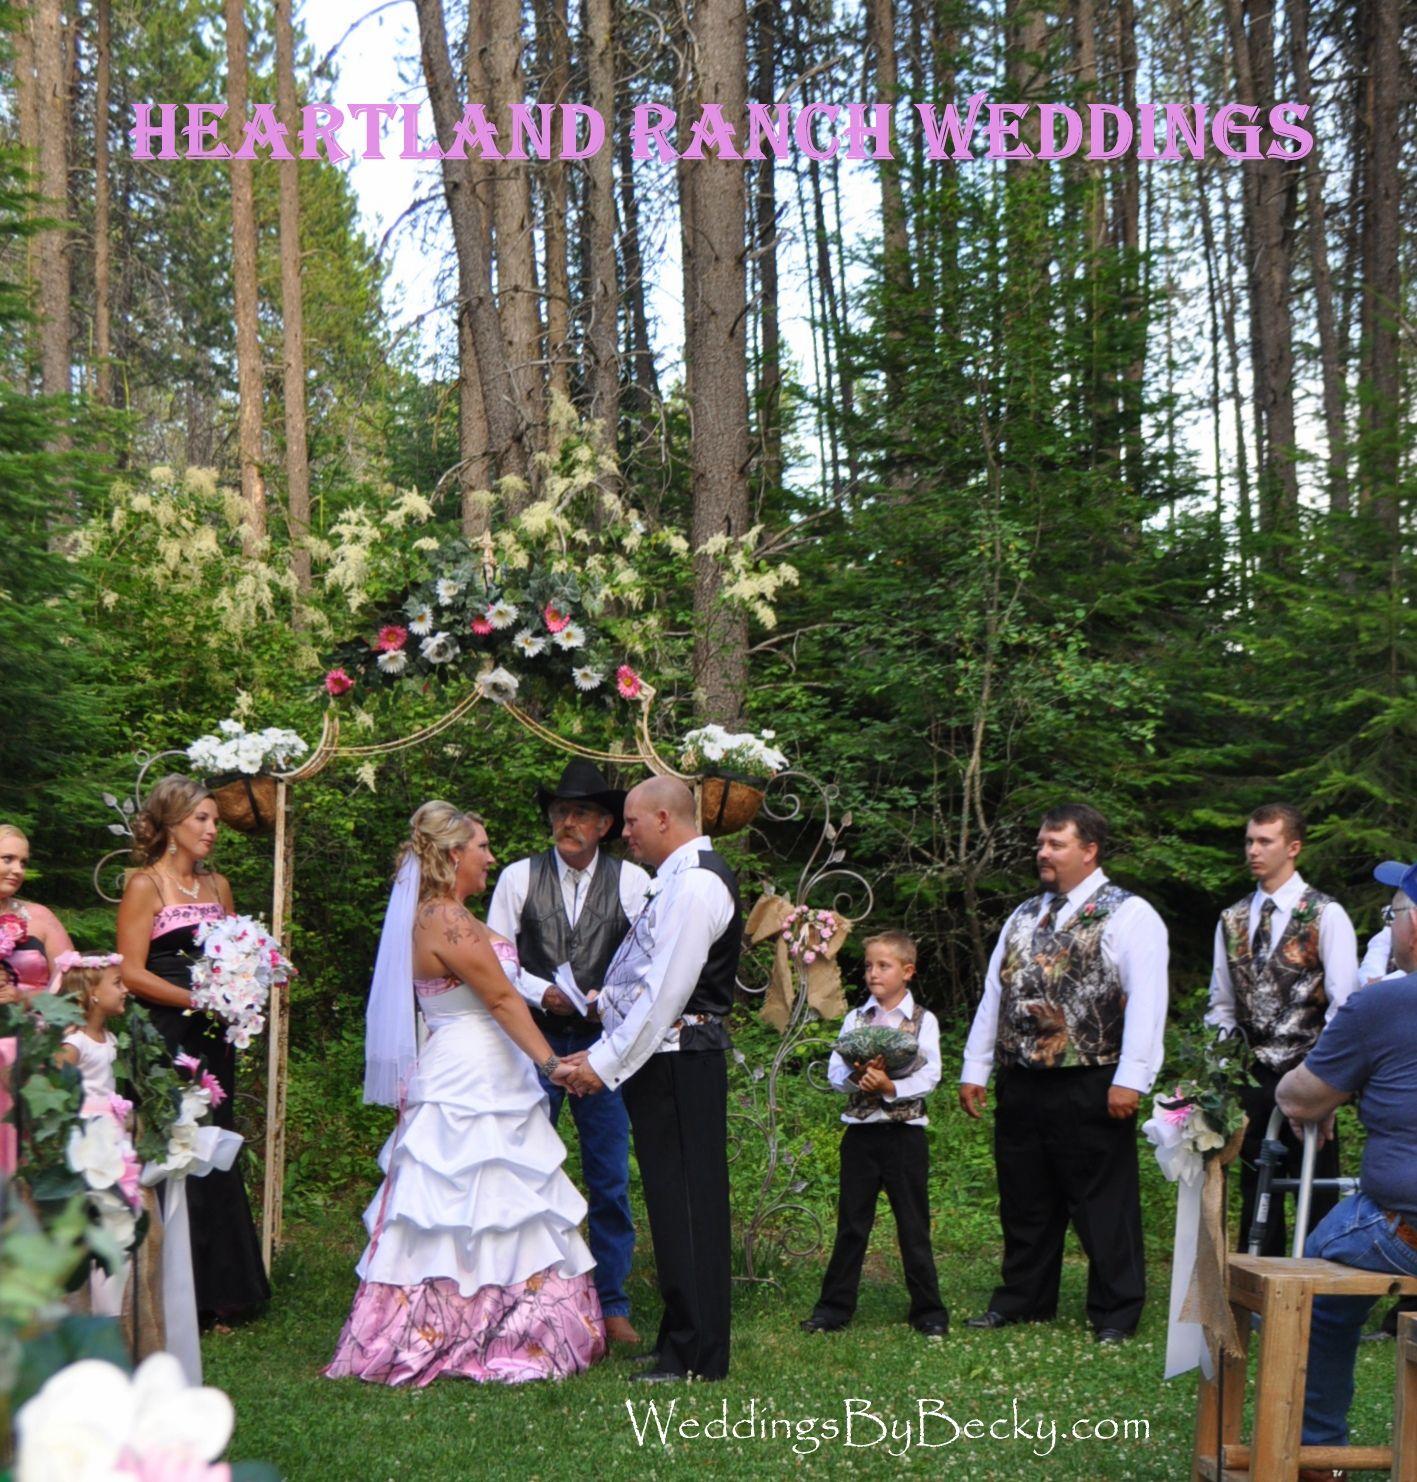 Camo Outdoor Wedding At Heartland Ranch In North Idaho